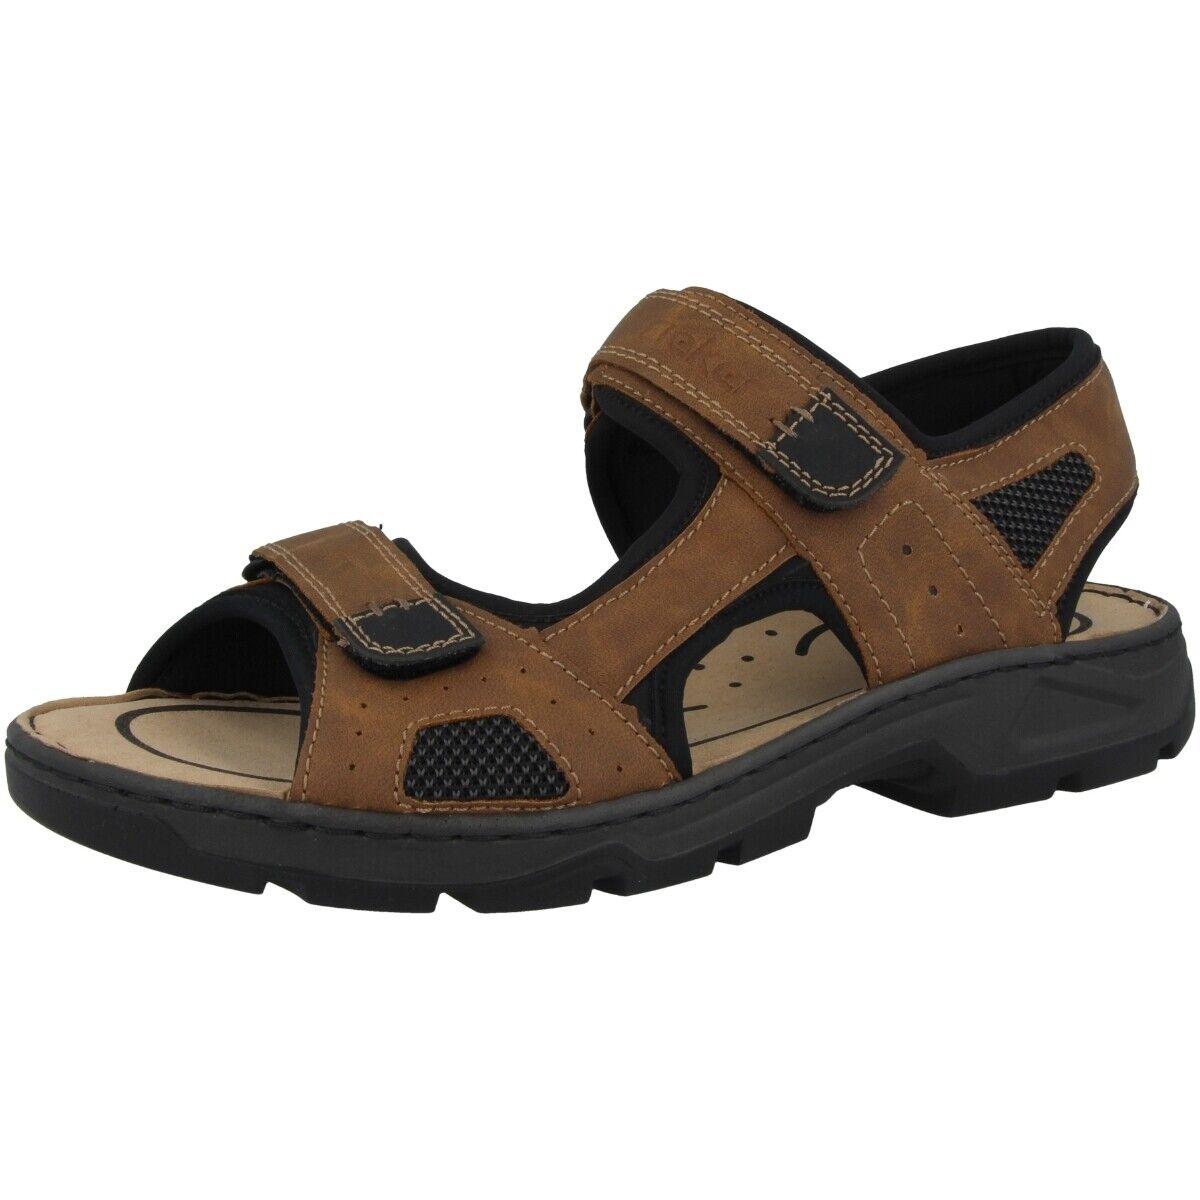 Rieker Auxerre-Scuba-Techknit-Oilybuk Schuhe Herren Sandale Antistress 26156-25